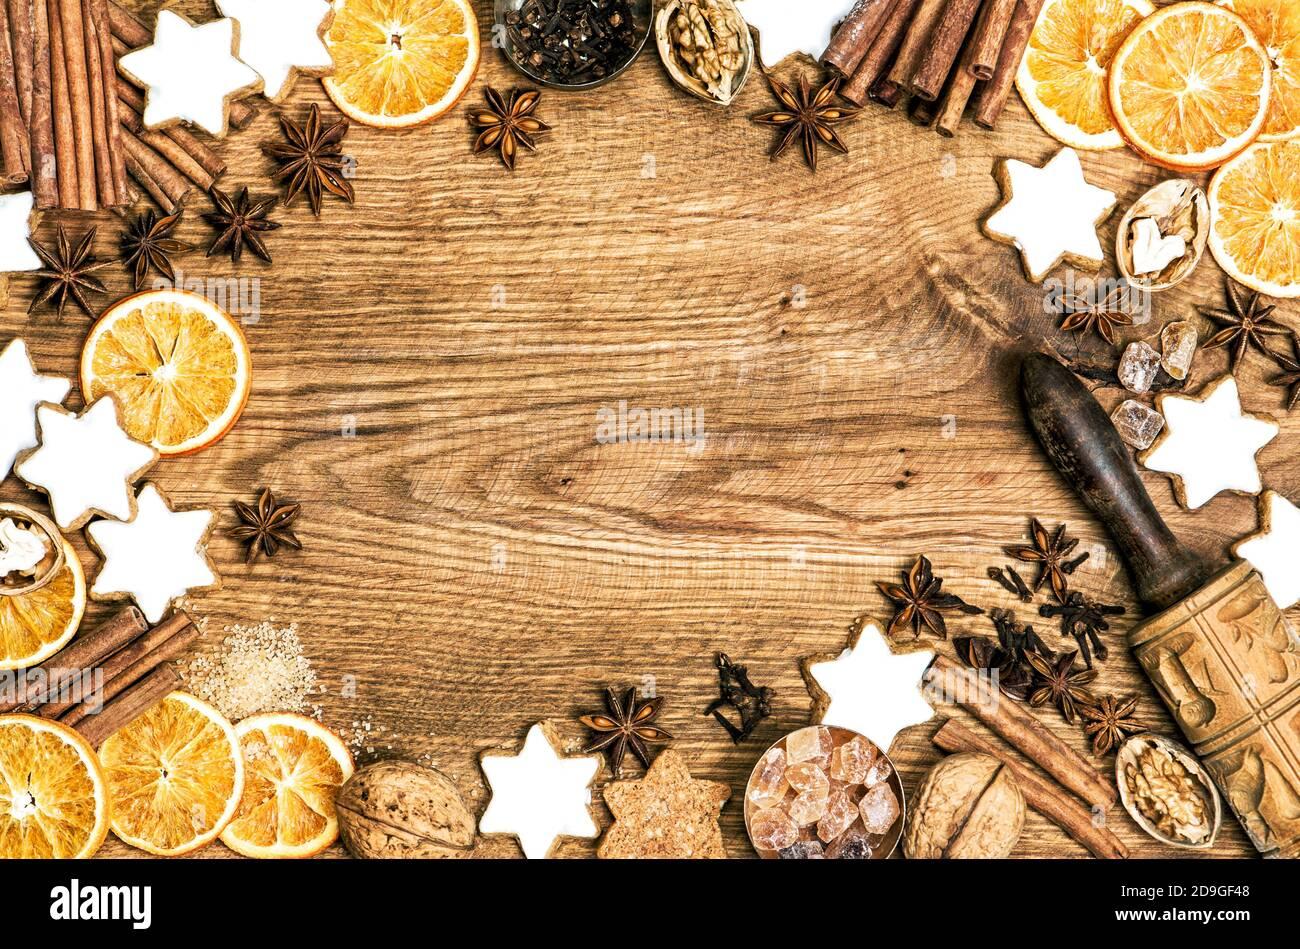 Arrière-plan de la nourriture de Noël. Biscuits et épices sur table en bois Banque D'Images